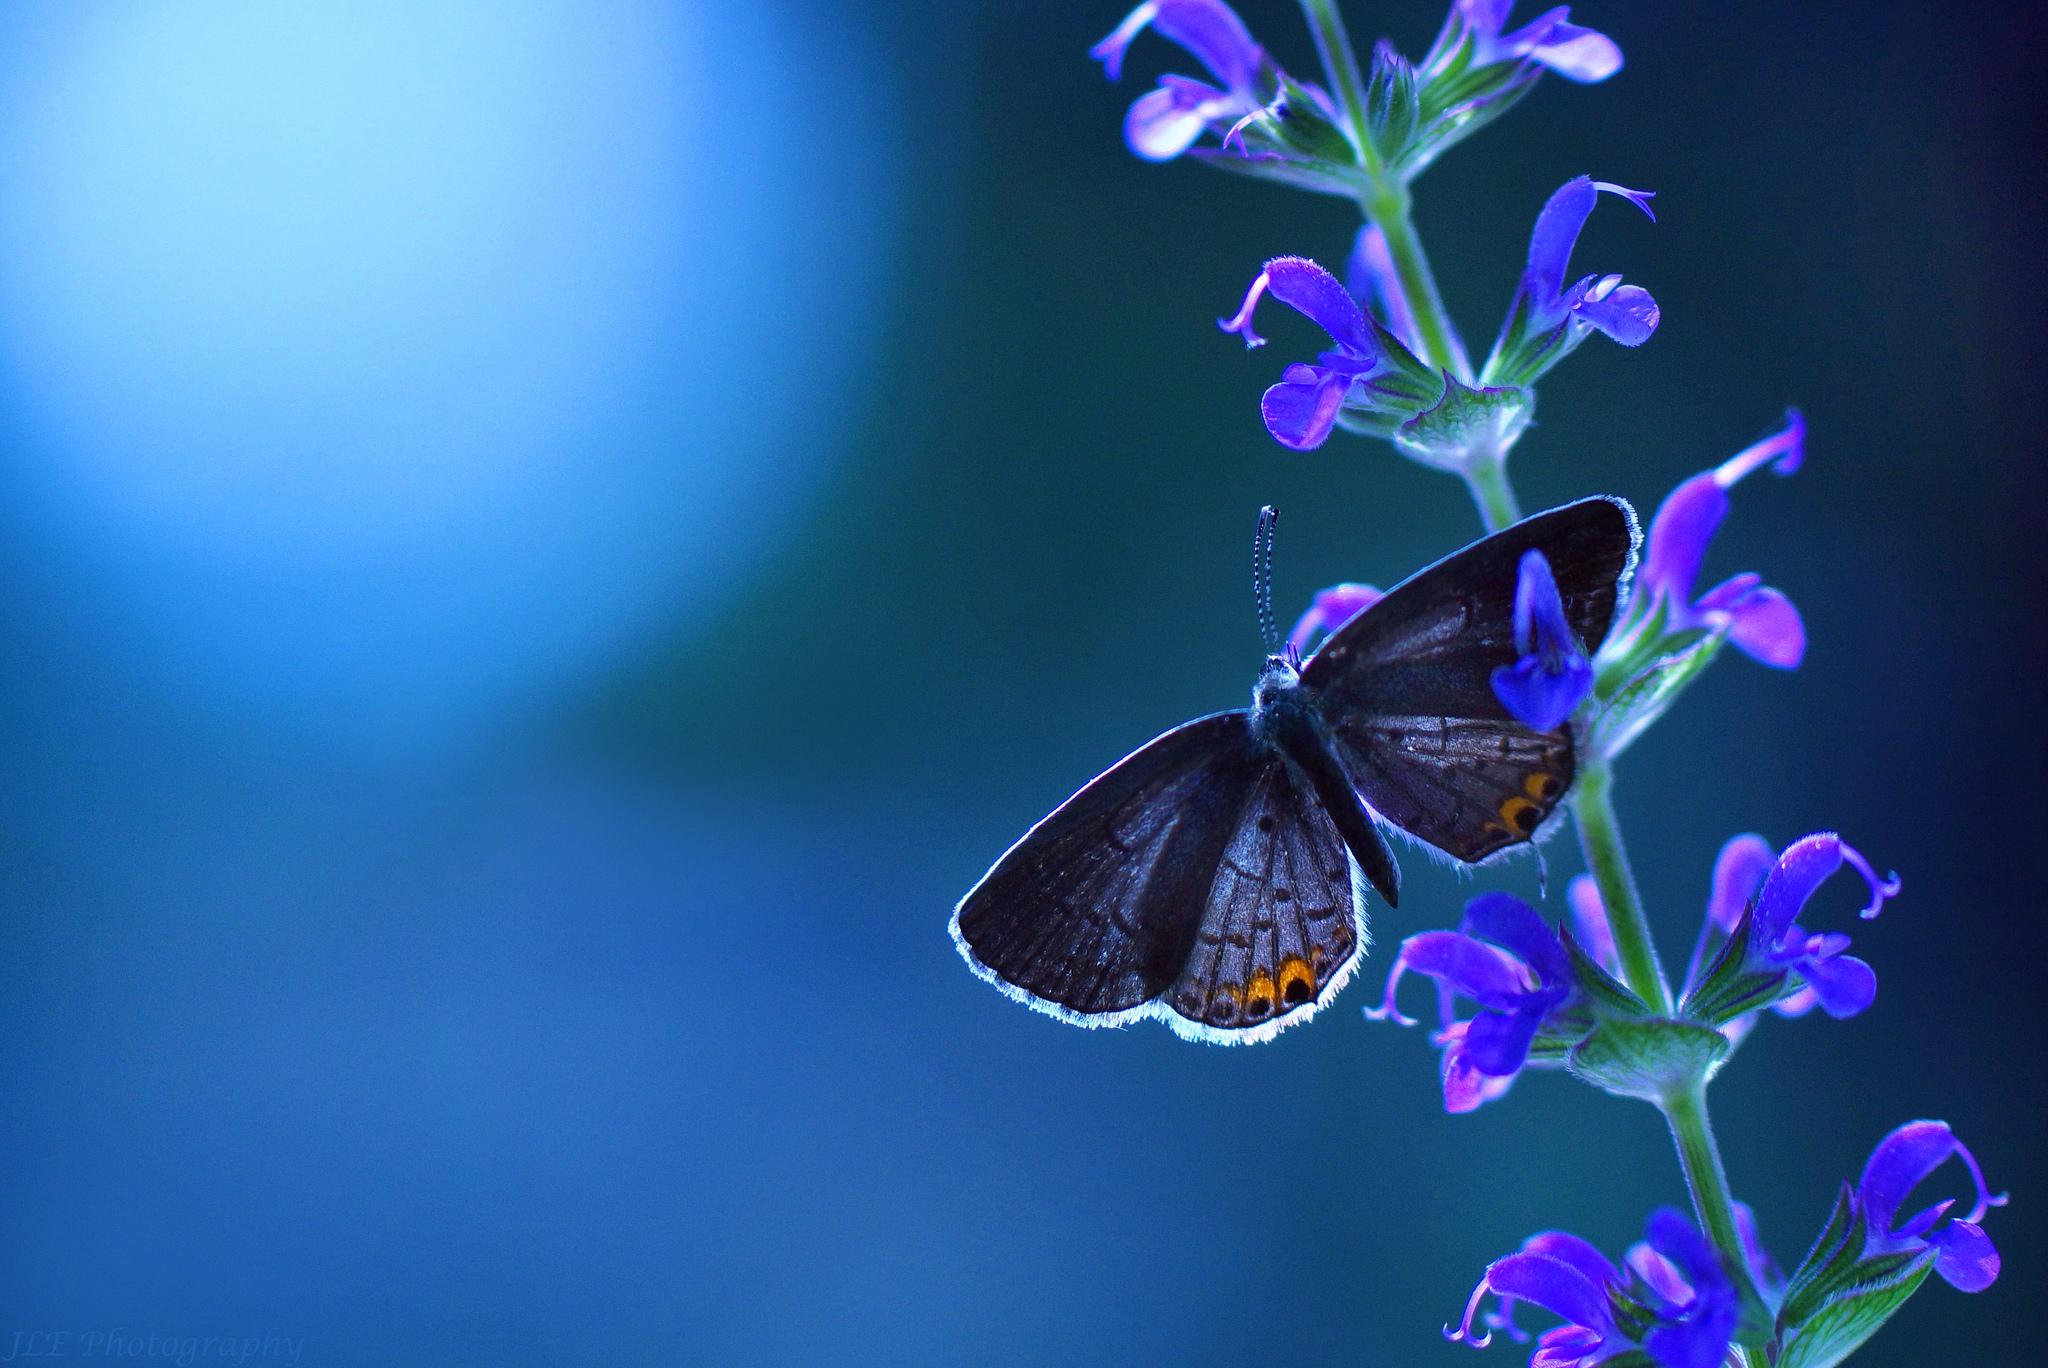 Бабочка голубая цветок макро без смс